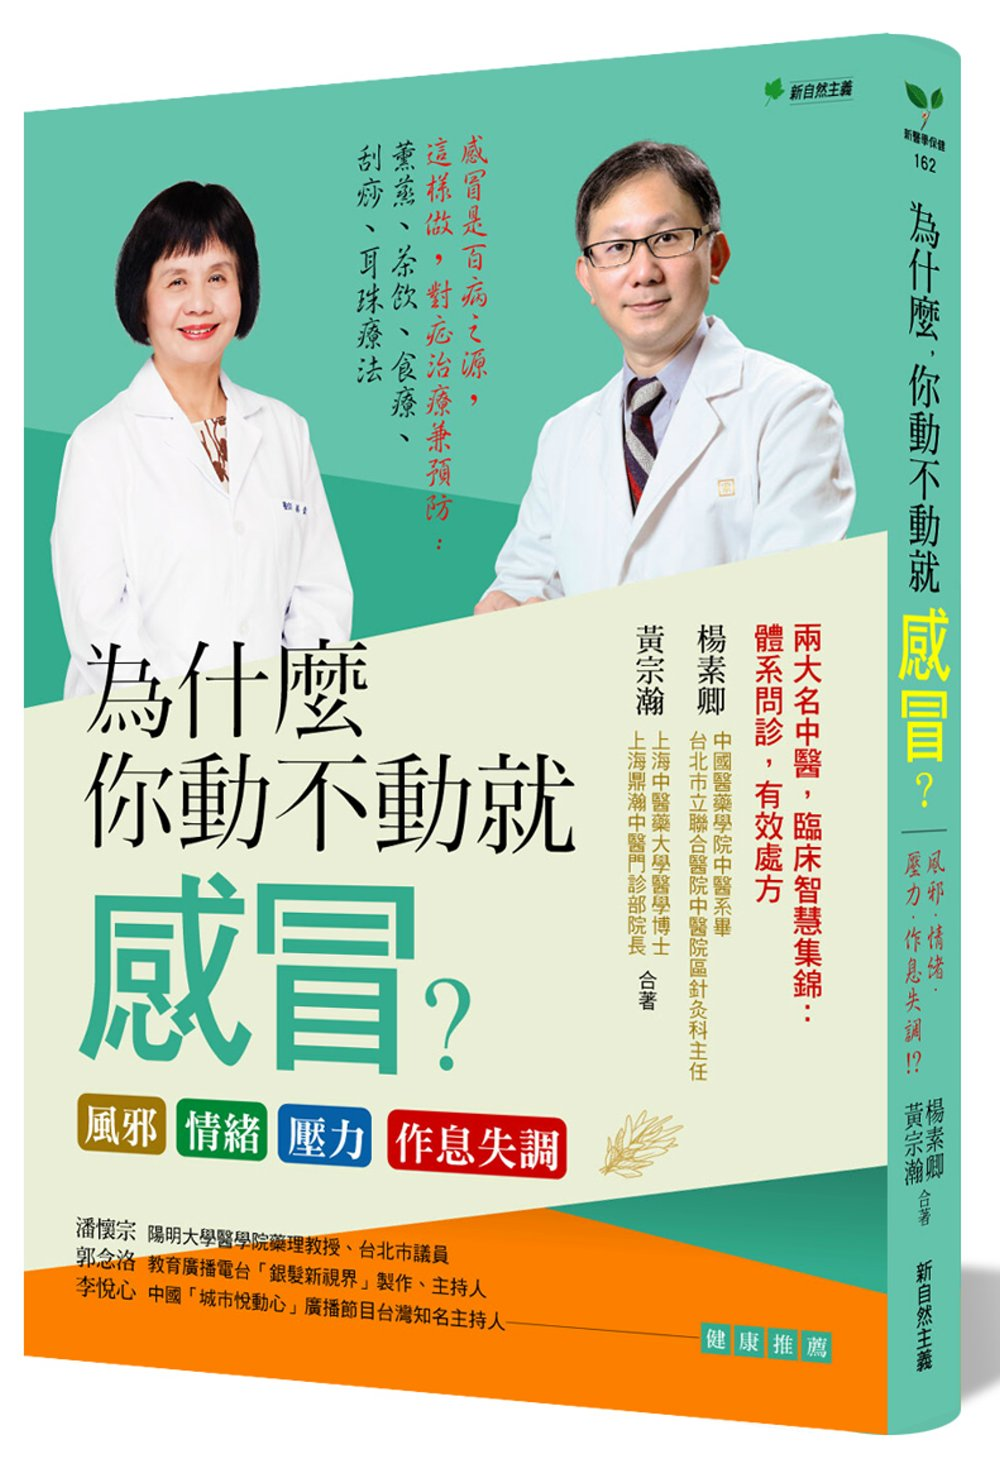 為什麼你動不動就感冒?風邪‧情緒‧壓力‧作息失調(二版):感冒是百病之源,這樣做,對症治療兼預防:薰蒸、茶飲、食療、刮痧、耳珠療法